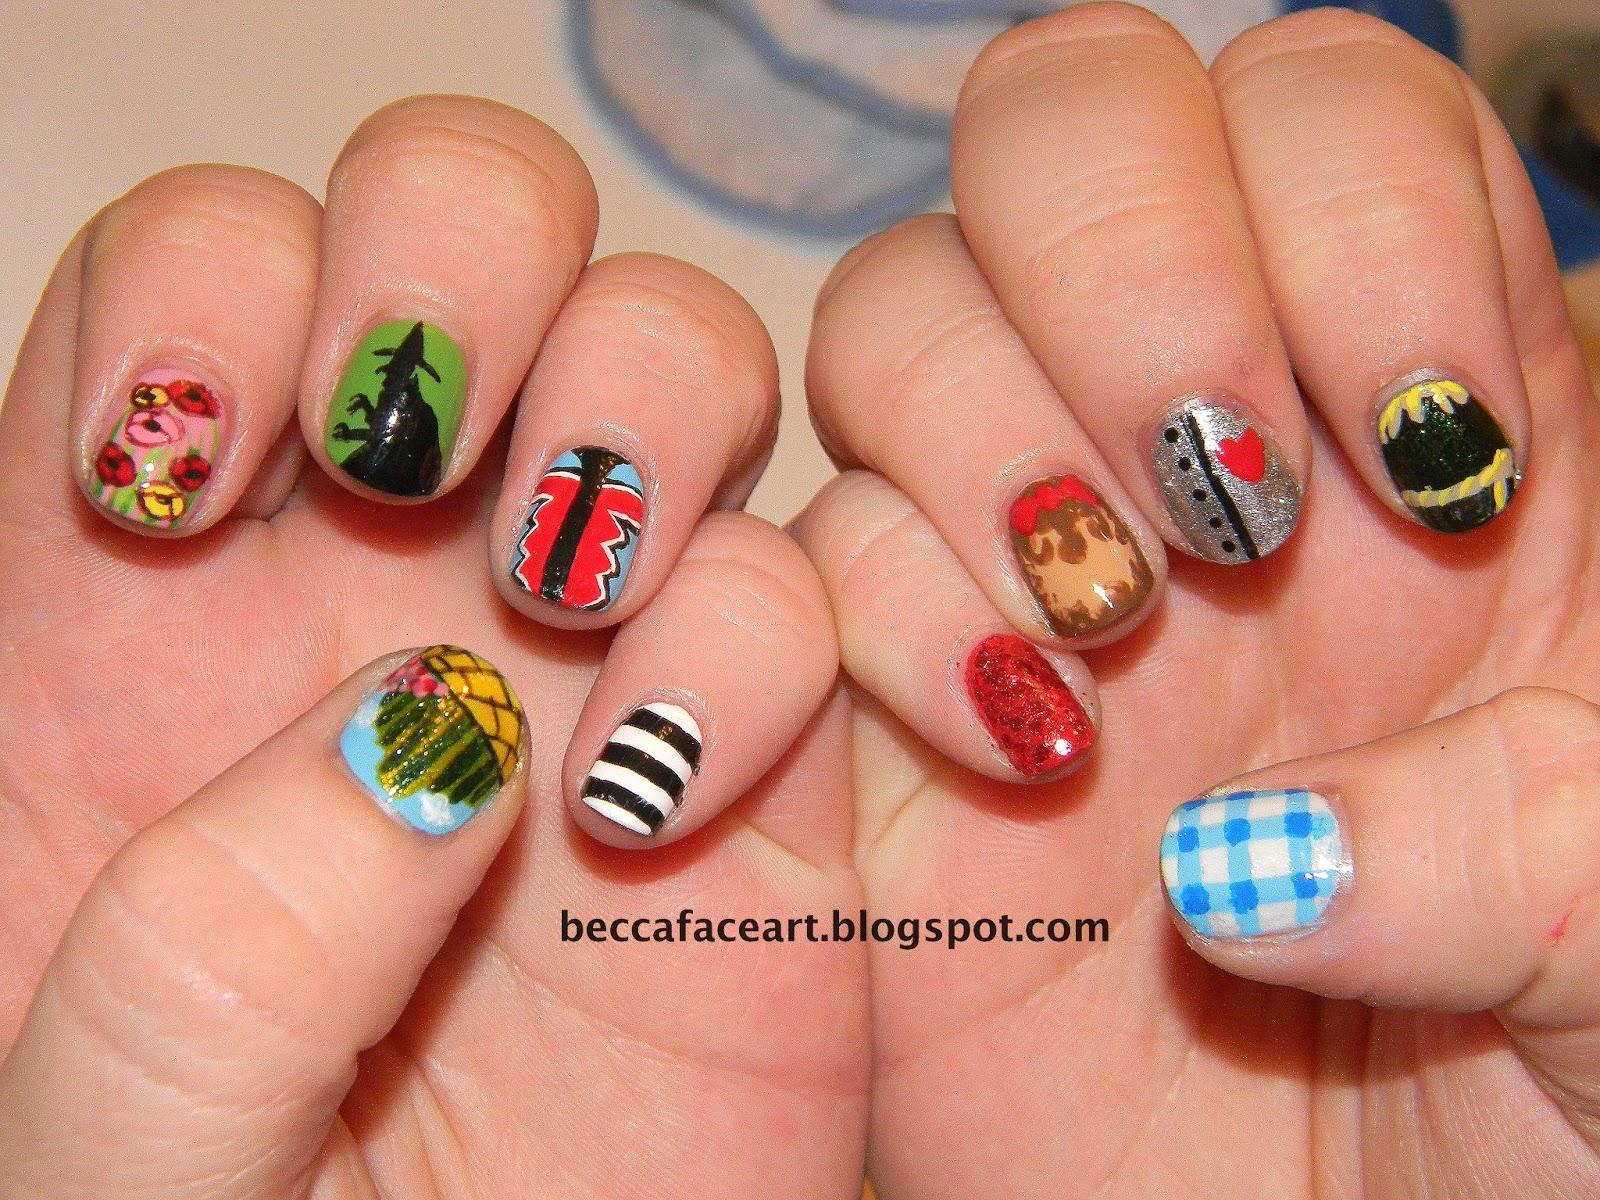 Becca Face Nail Art: Wizard of Oz Nails